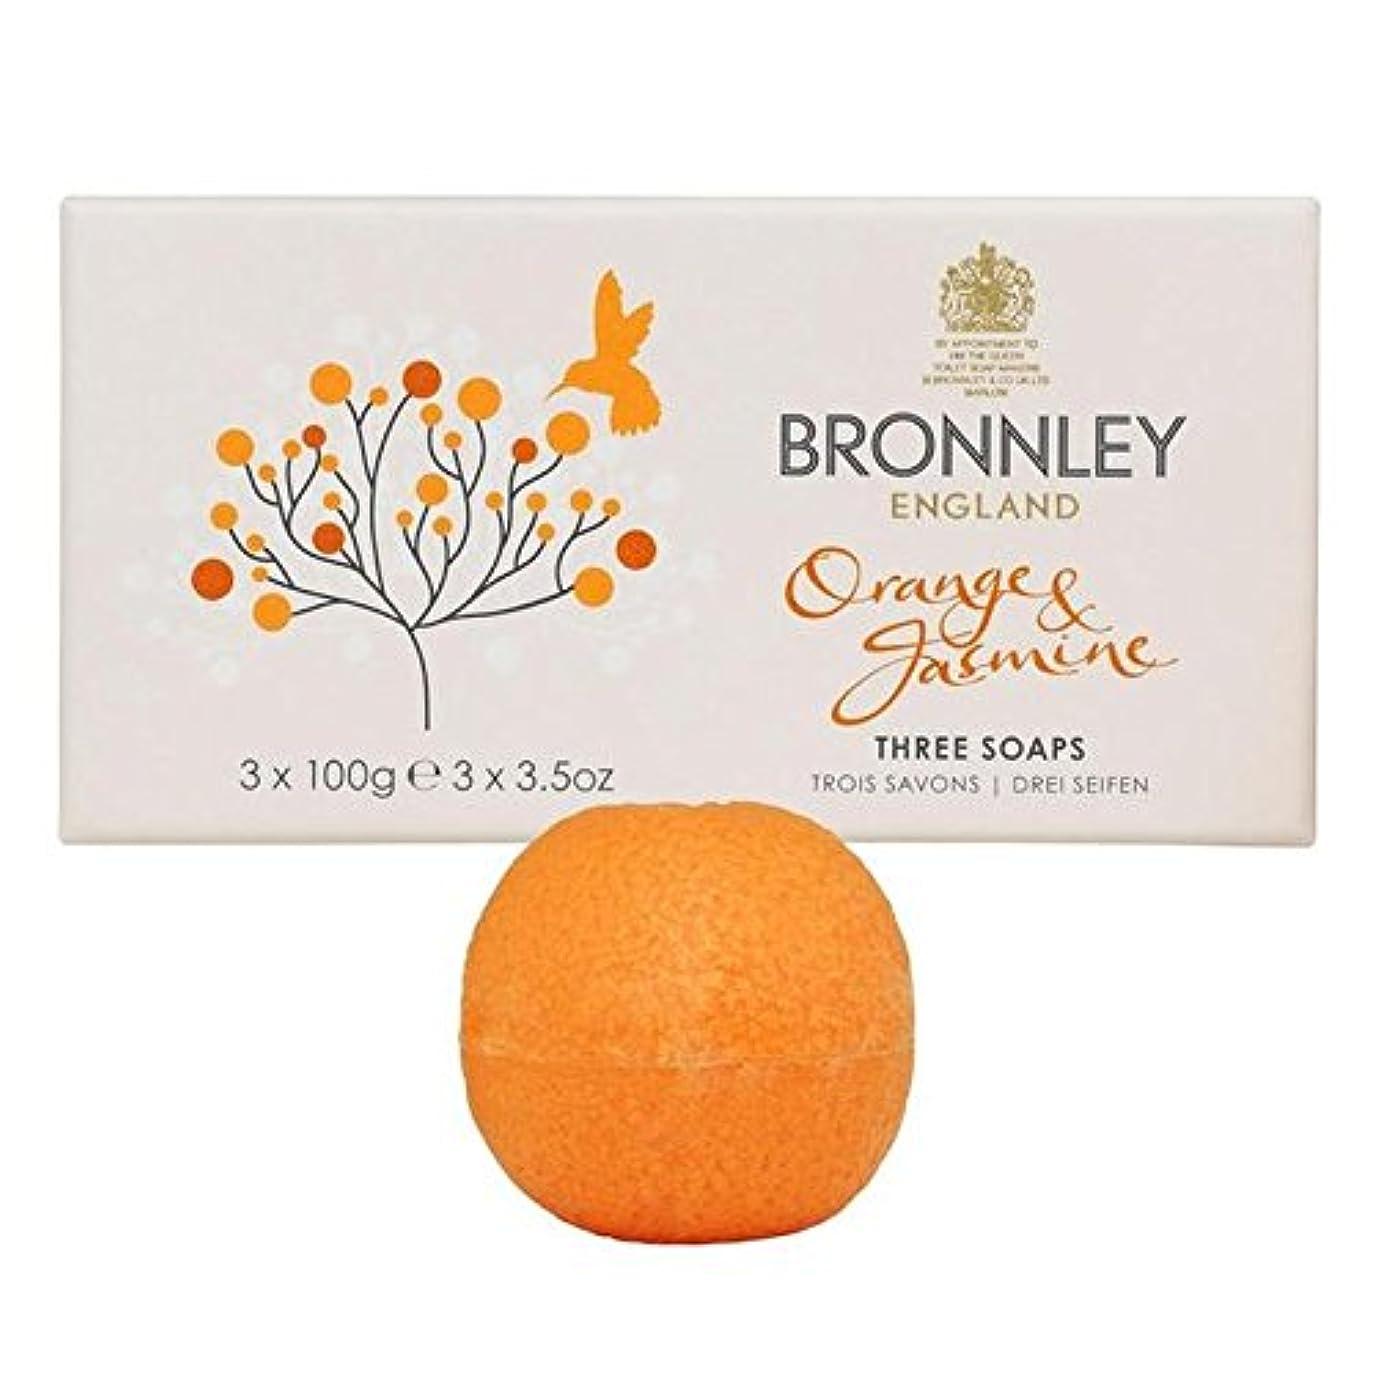 パンサードラムスキーオレンジ&ジャスミン石鹸3×100グラム x2 - Bronnley Orange & Jasmine Soaps 3 x 100g (Pack of 2) [並行輸入品]